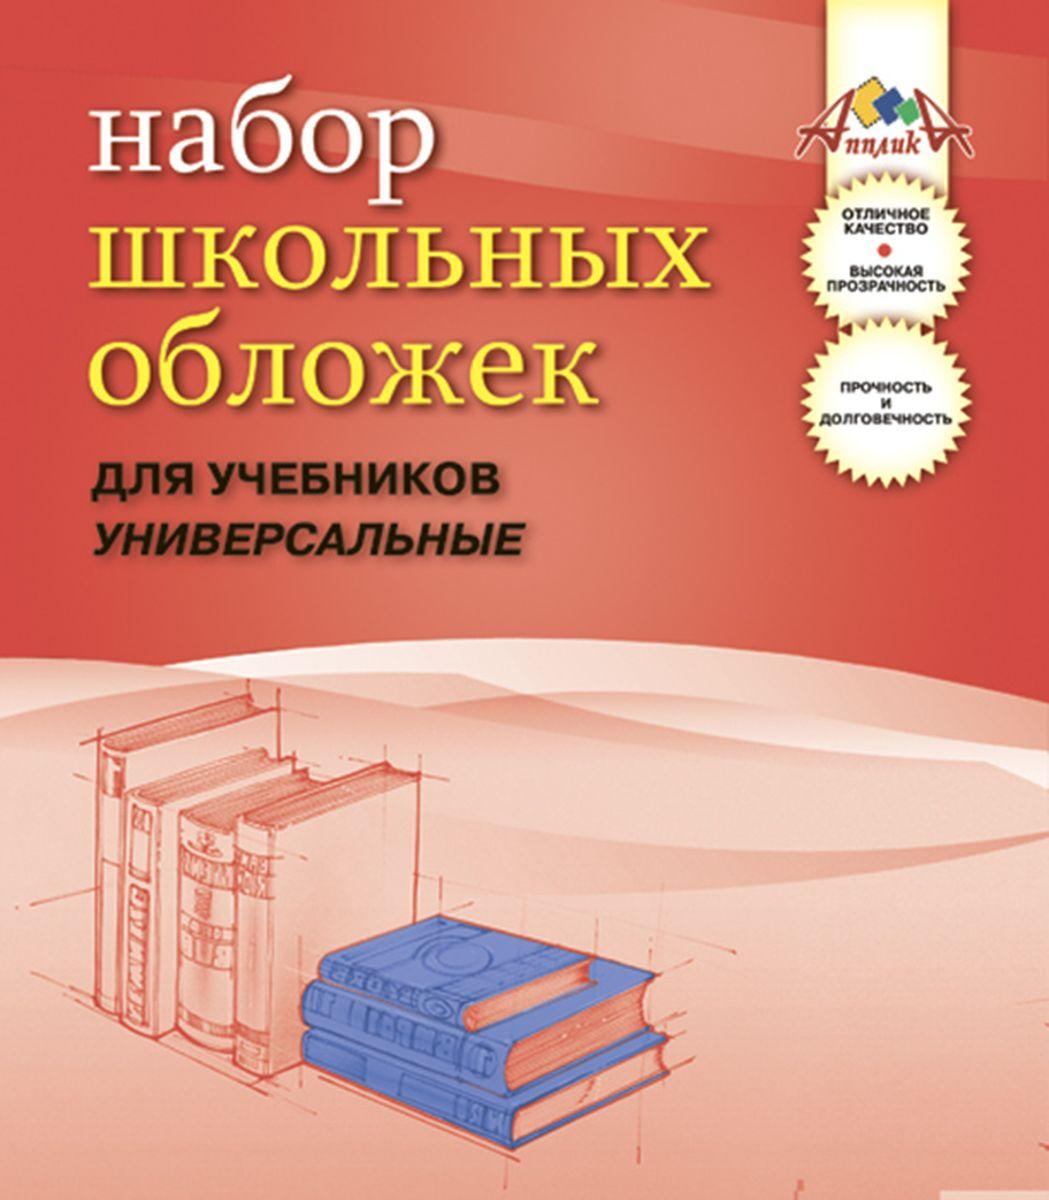 Апплика Набор универсальных обложек для учебников 10 шт С0840-01 апплика набор обложек для учебников младших классов 5 шт